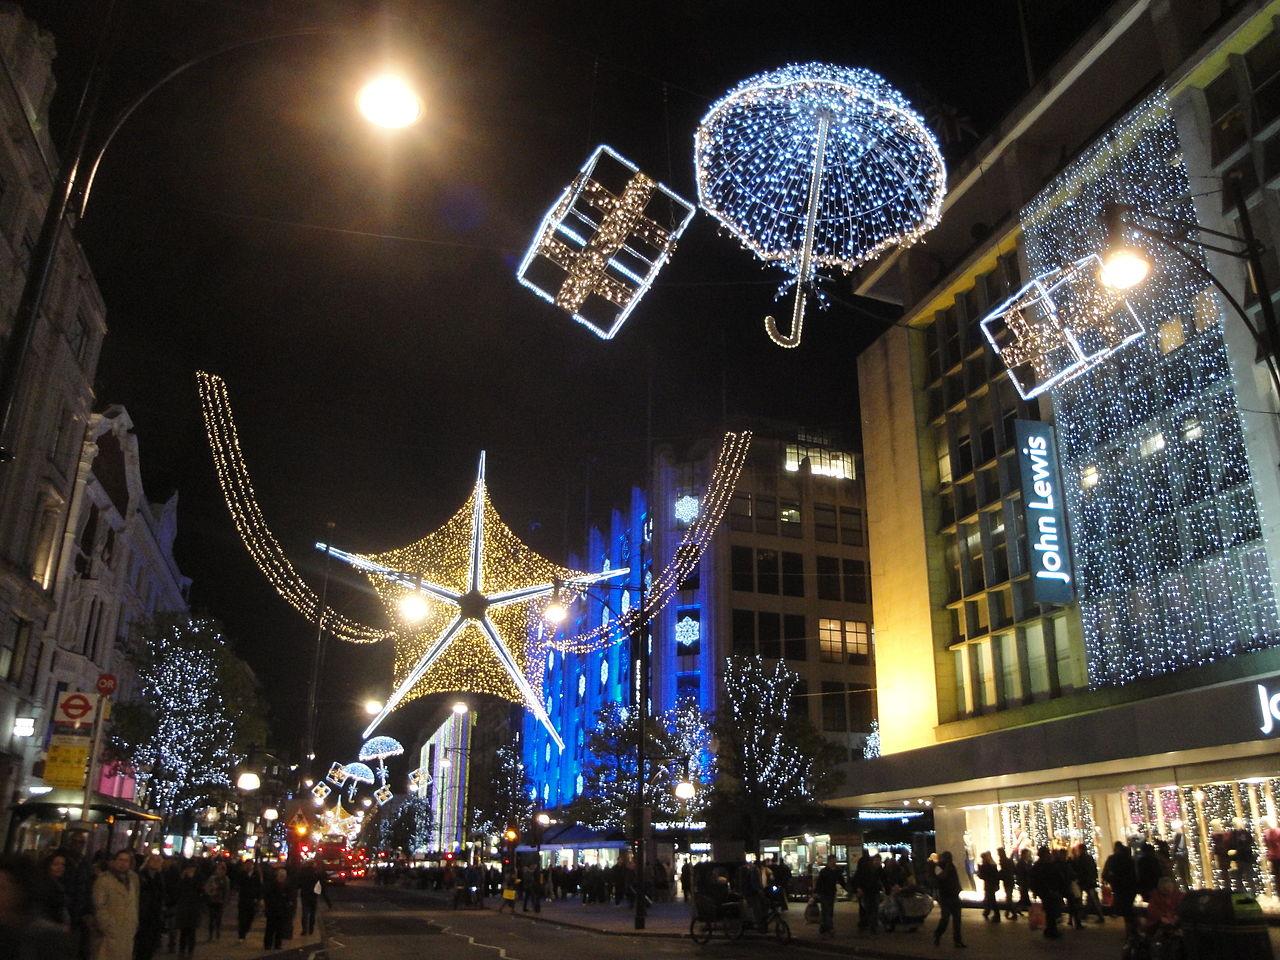 Оксфорд-стрит перед Рождеством